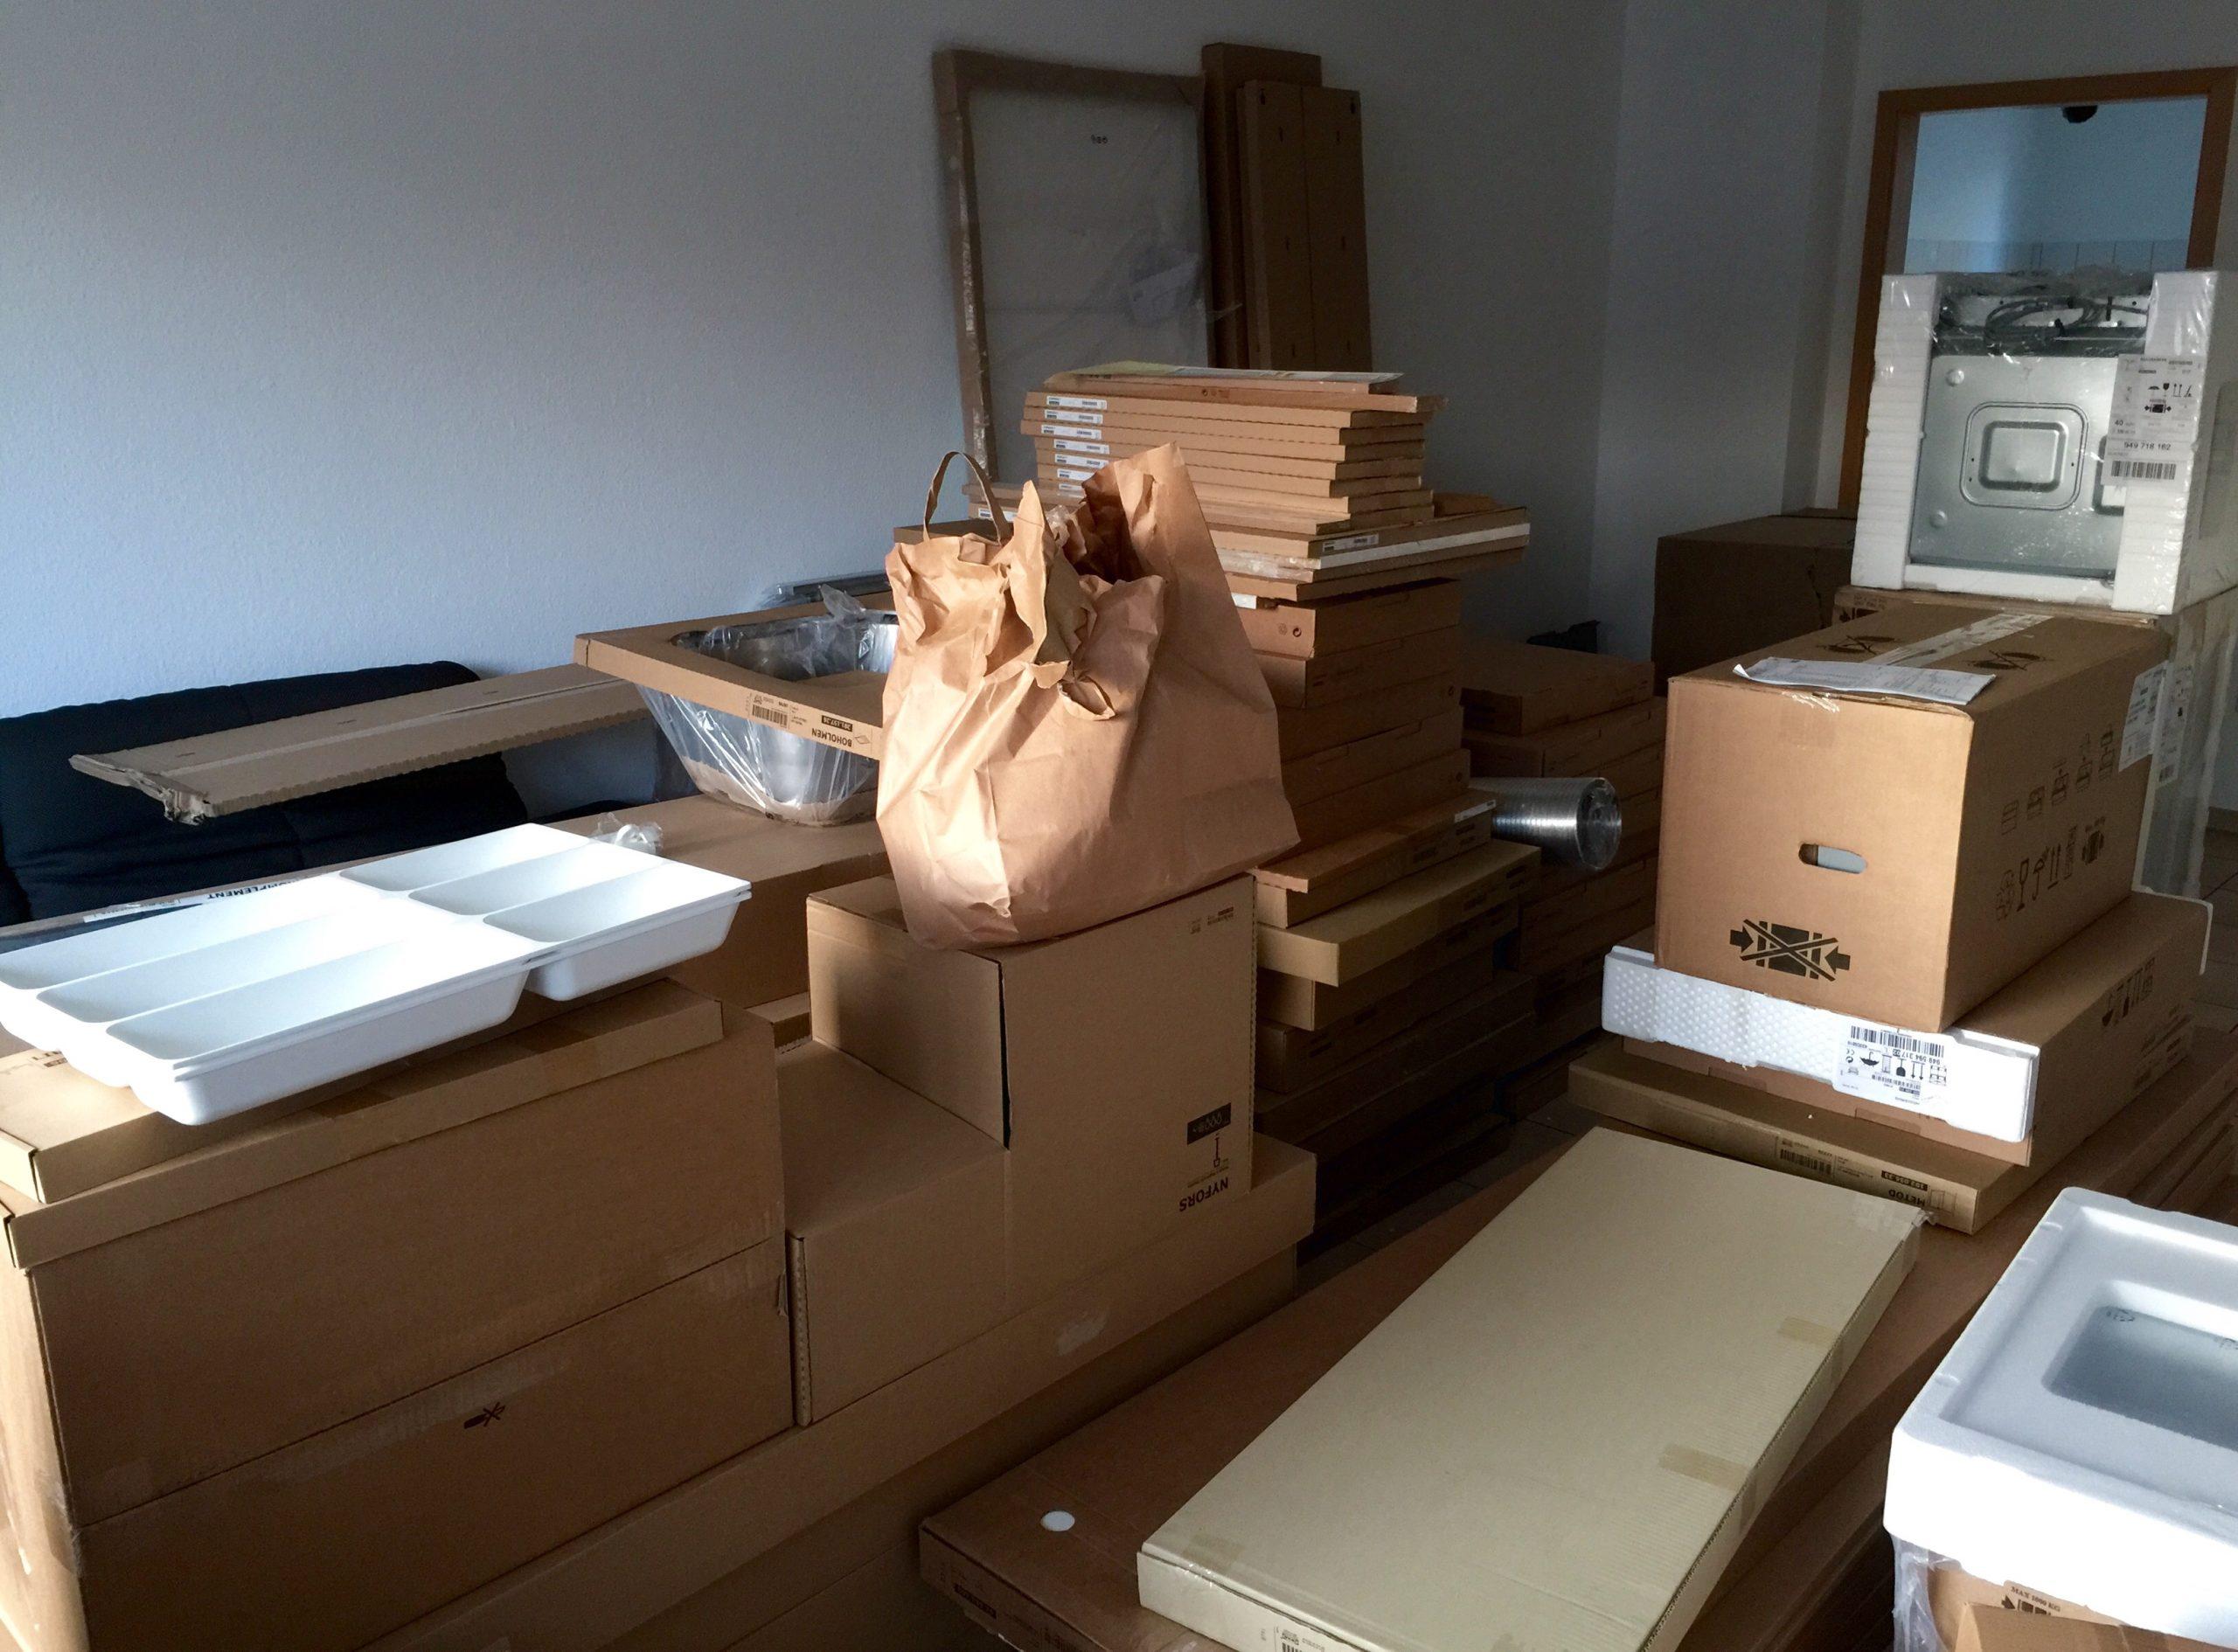 Full Size of Küchenschrank Ikea Kchenkauf Bei Lieferung Modulküche Küche Kaufen Betten 160x200 Kosten Miniküche Sofa Mit Schlaffunktion Wohnzimmer Küchenschrank Ikea